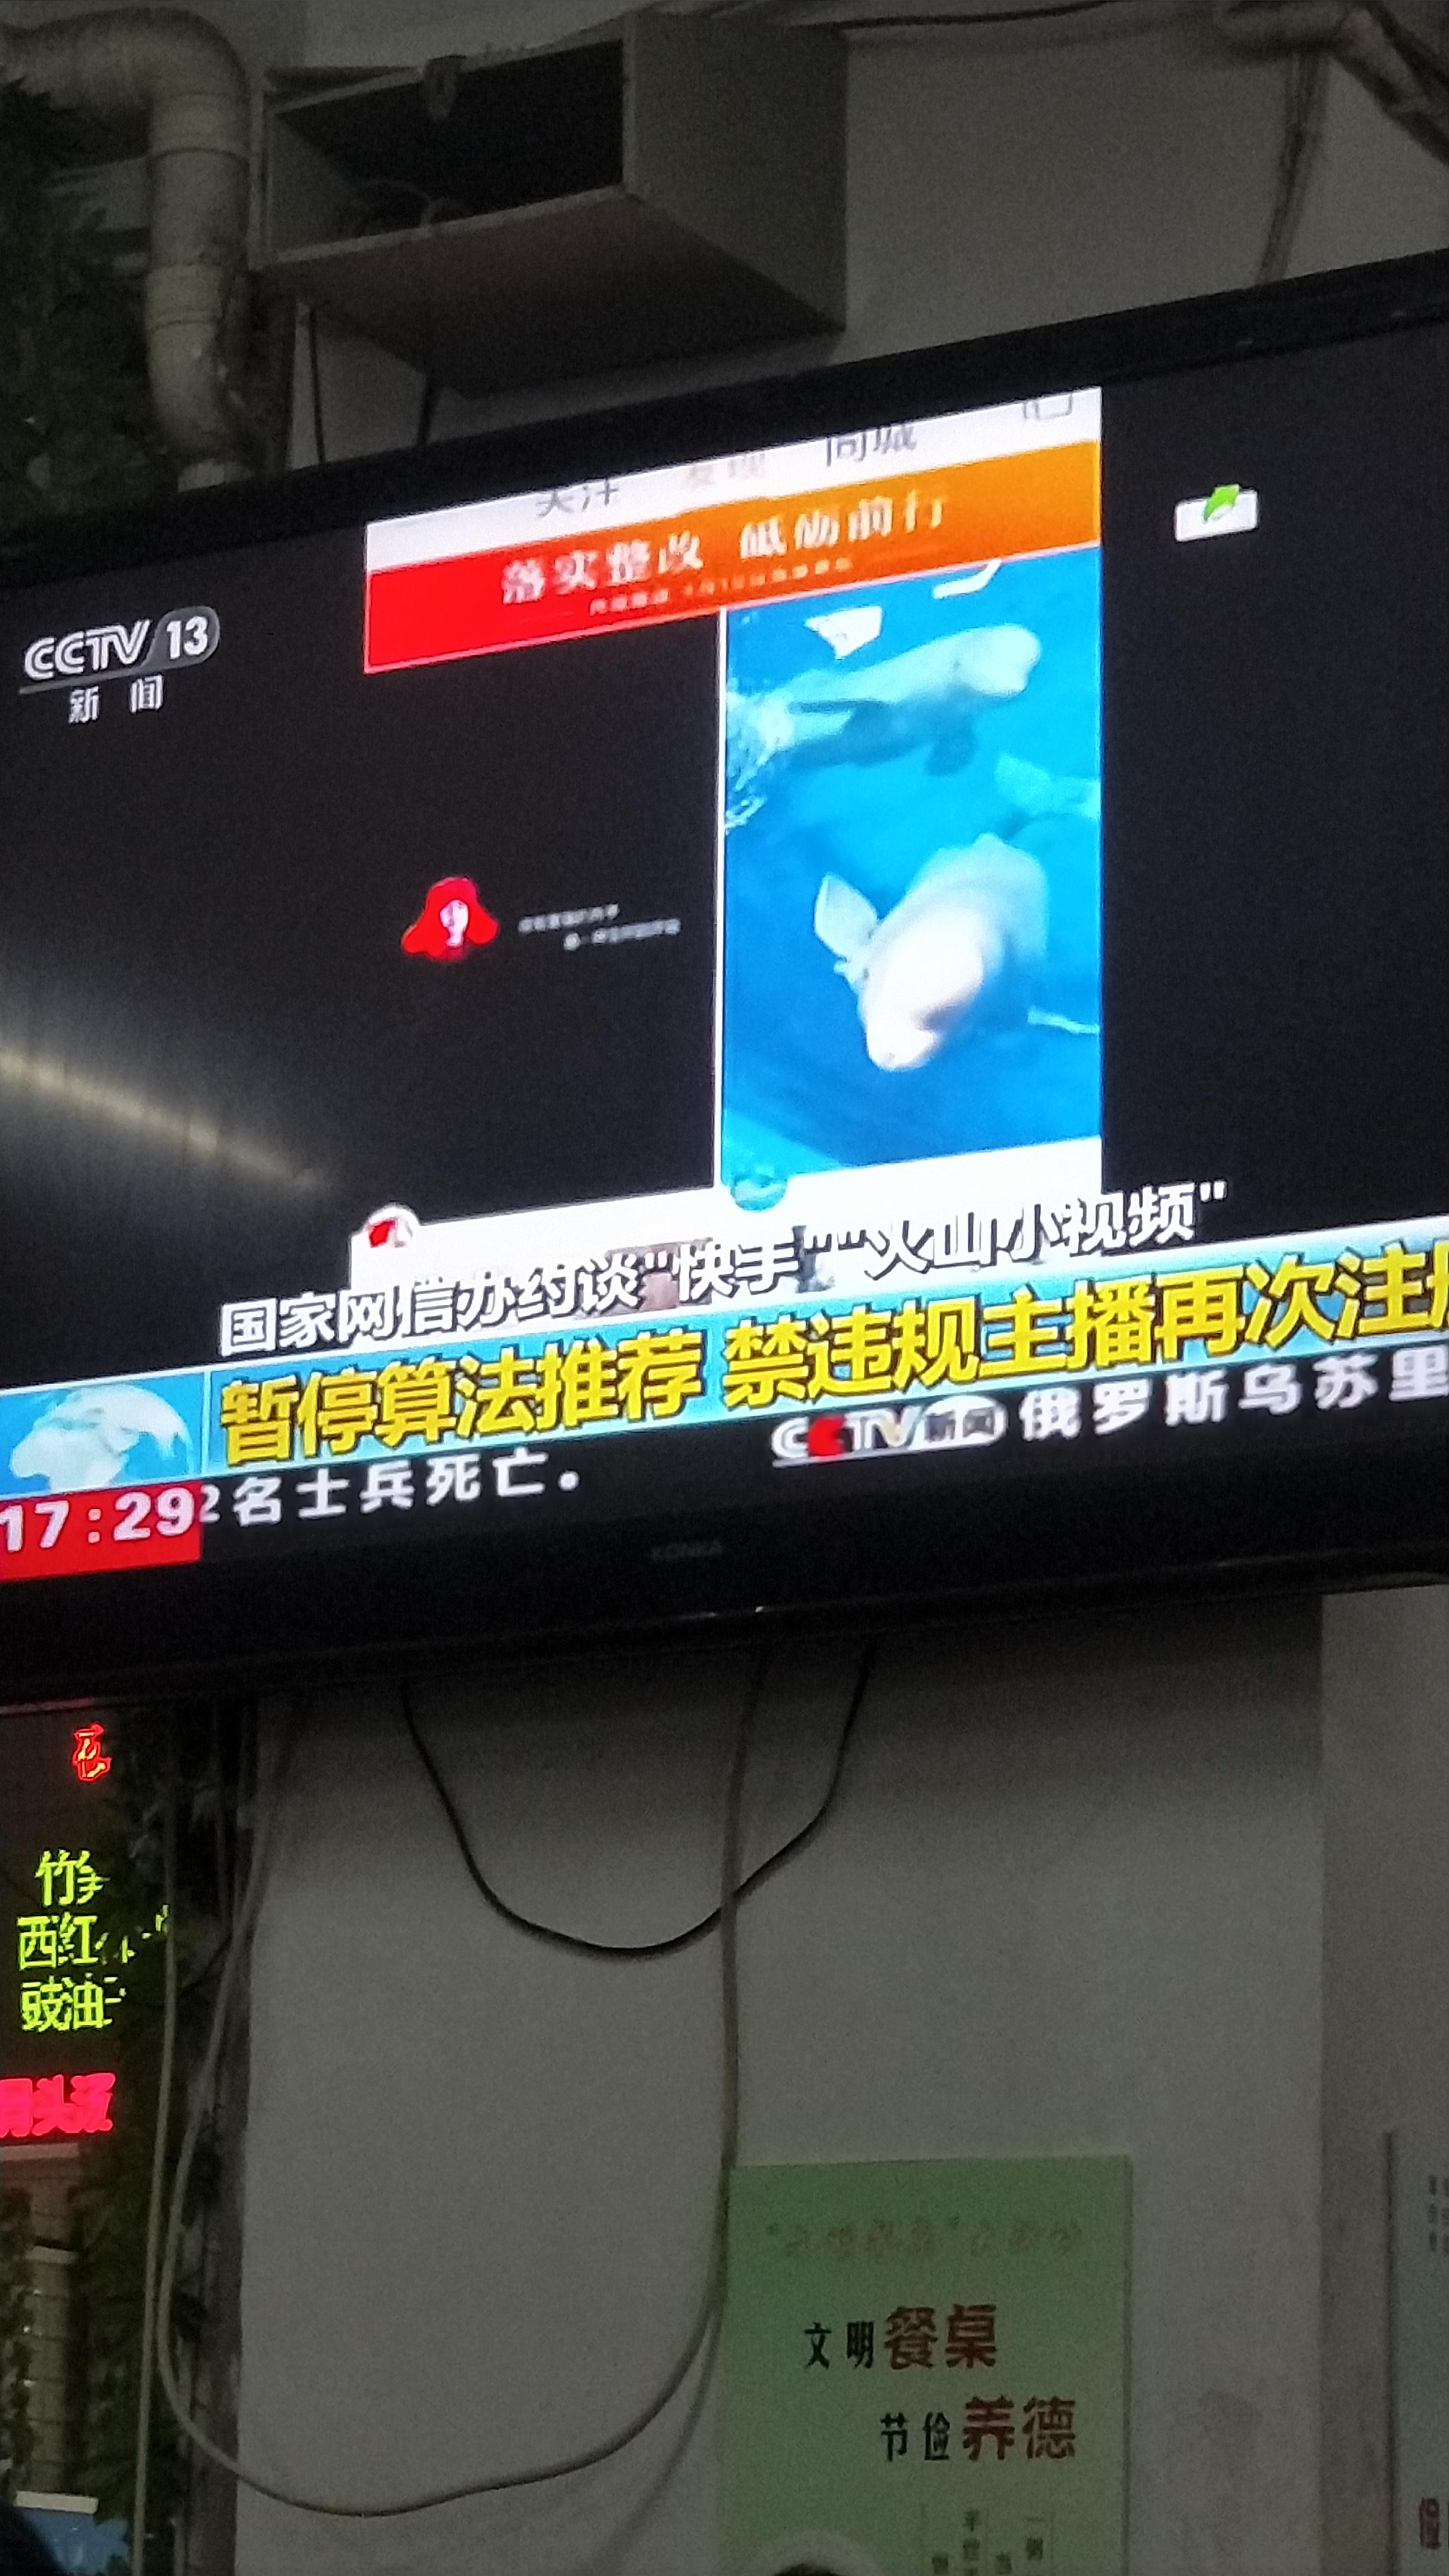 快手和火山将禁止未成年人当网络主播 已有账号关停